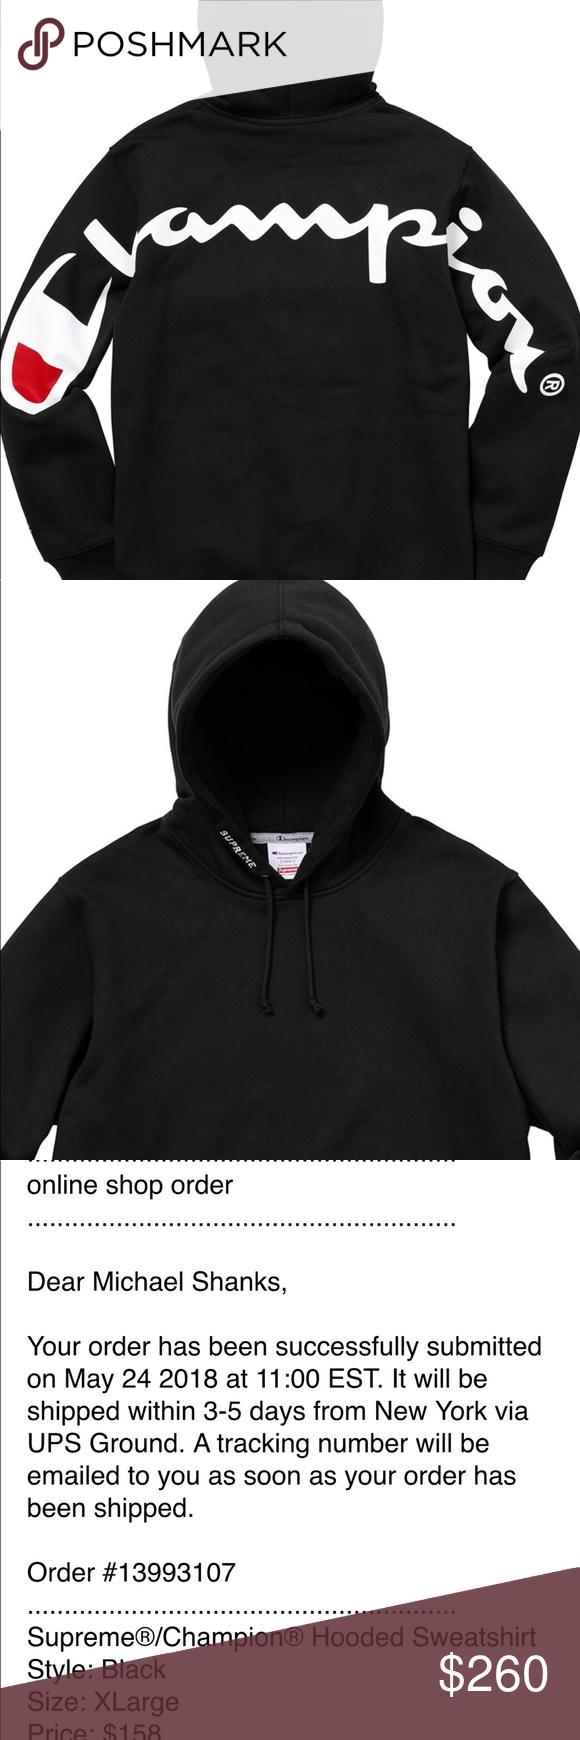 New Supreme Championhooded Sweatshirt Order Confirmed New Sold Out Supreme Champion Hooded Sweatshirt Sweatshirts Supreme Sweater Champion Hooded Sweatshirt [ 1740 x 580 Pixel ]